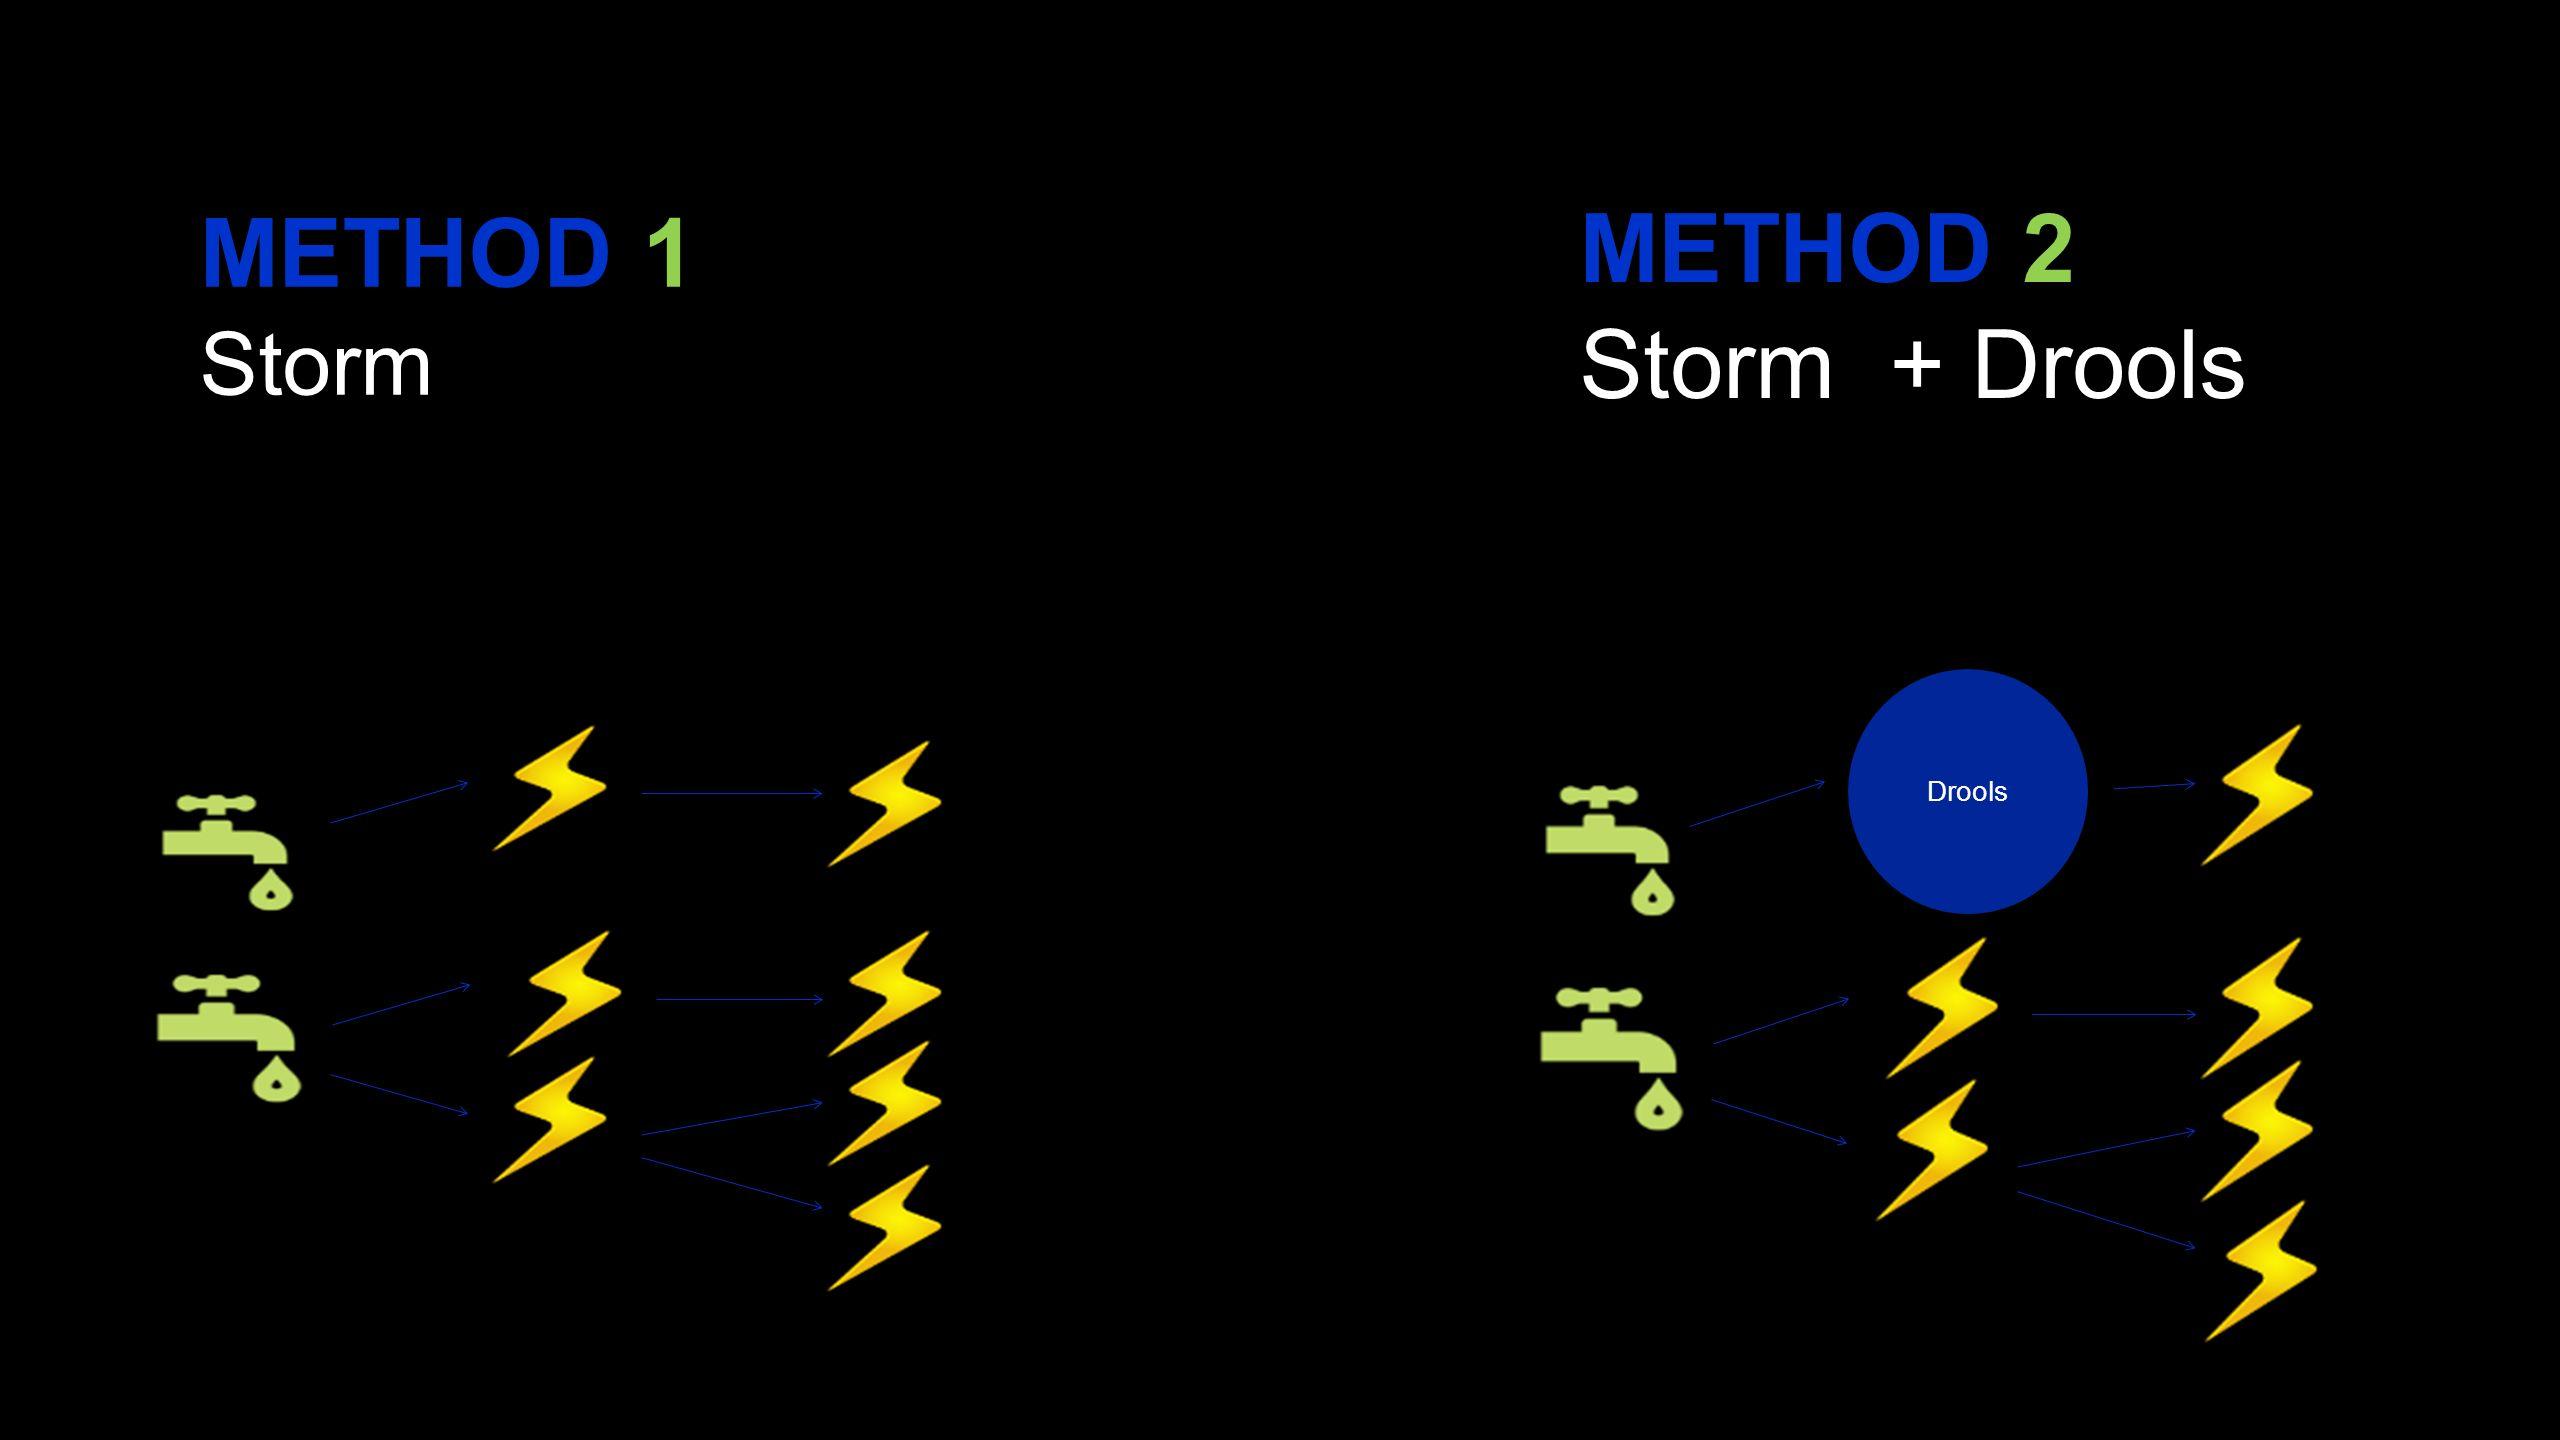 METHOD 1 Storm METHOD 2 Storm + Drools Drools